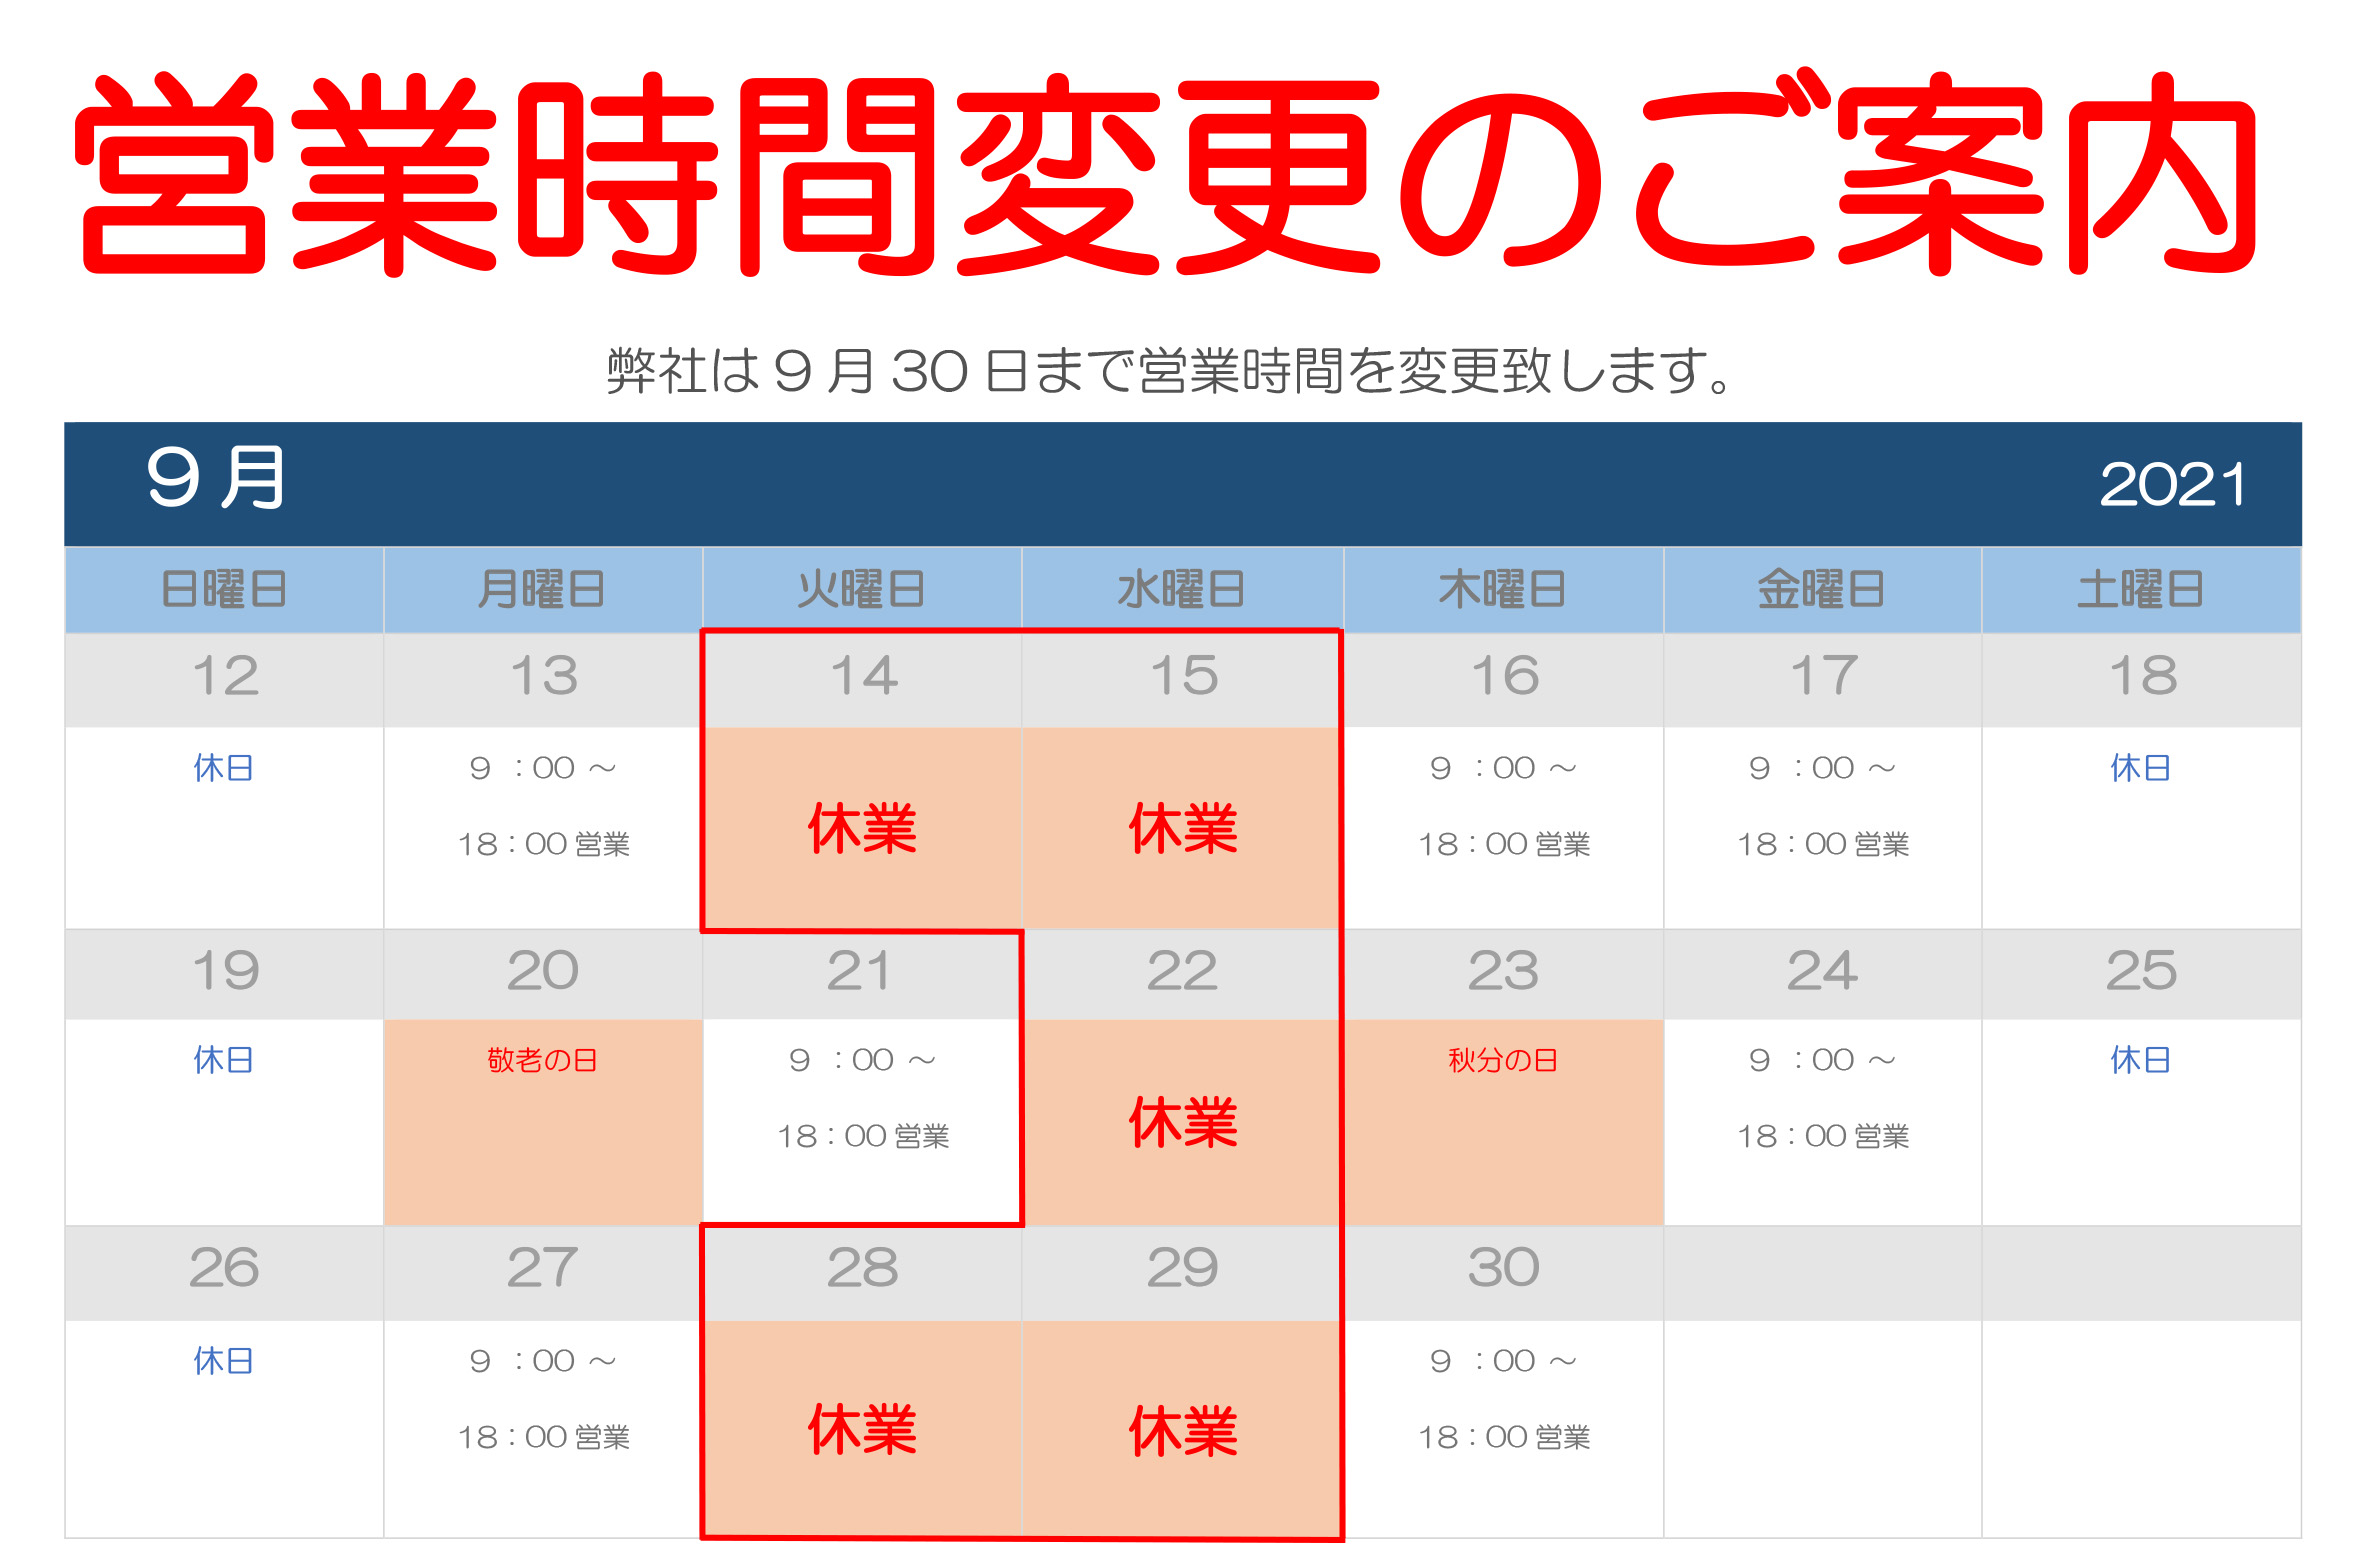 9月9日付緊急事態宣言延長による営業時間変更のご案内